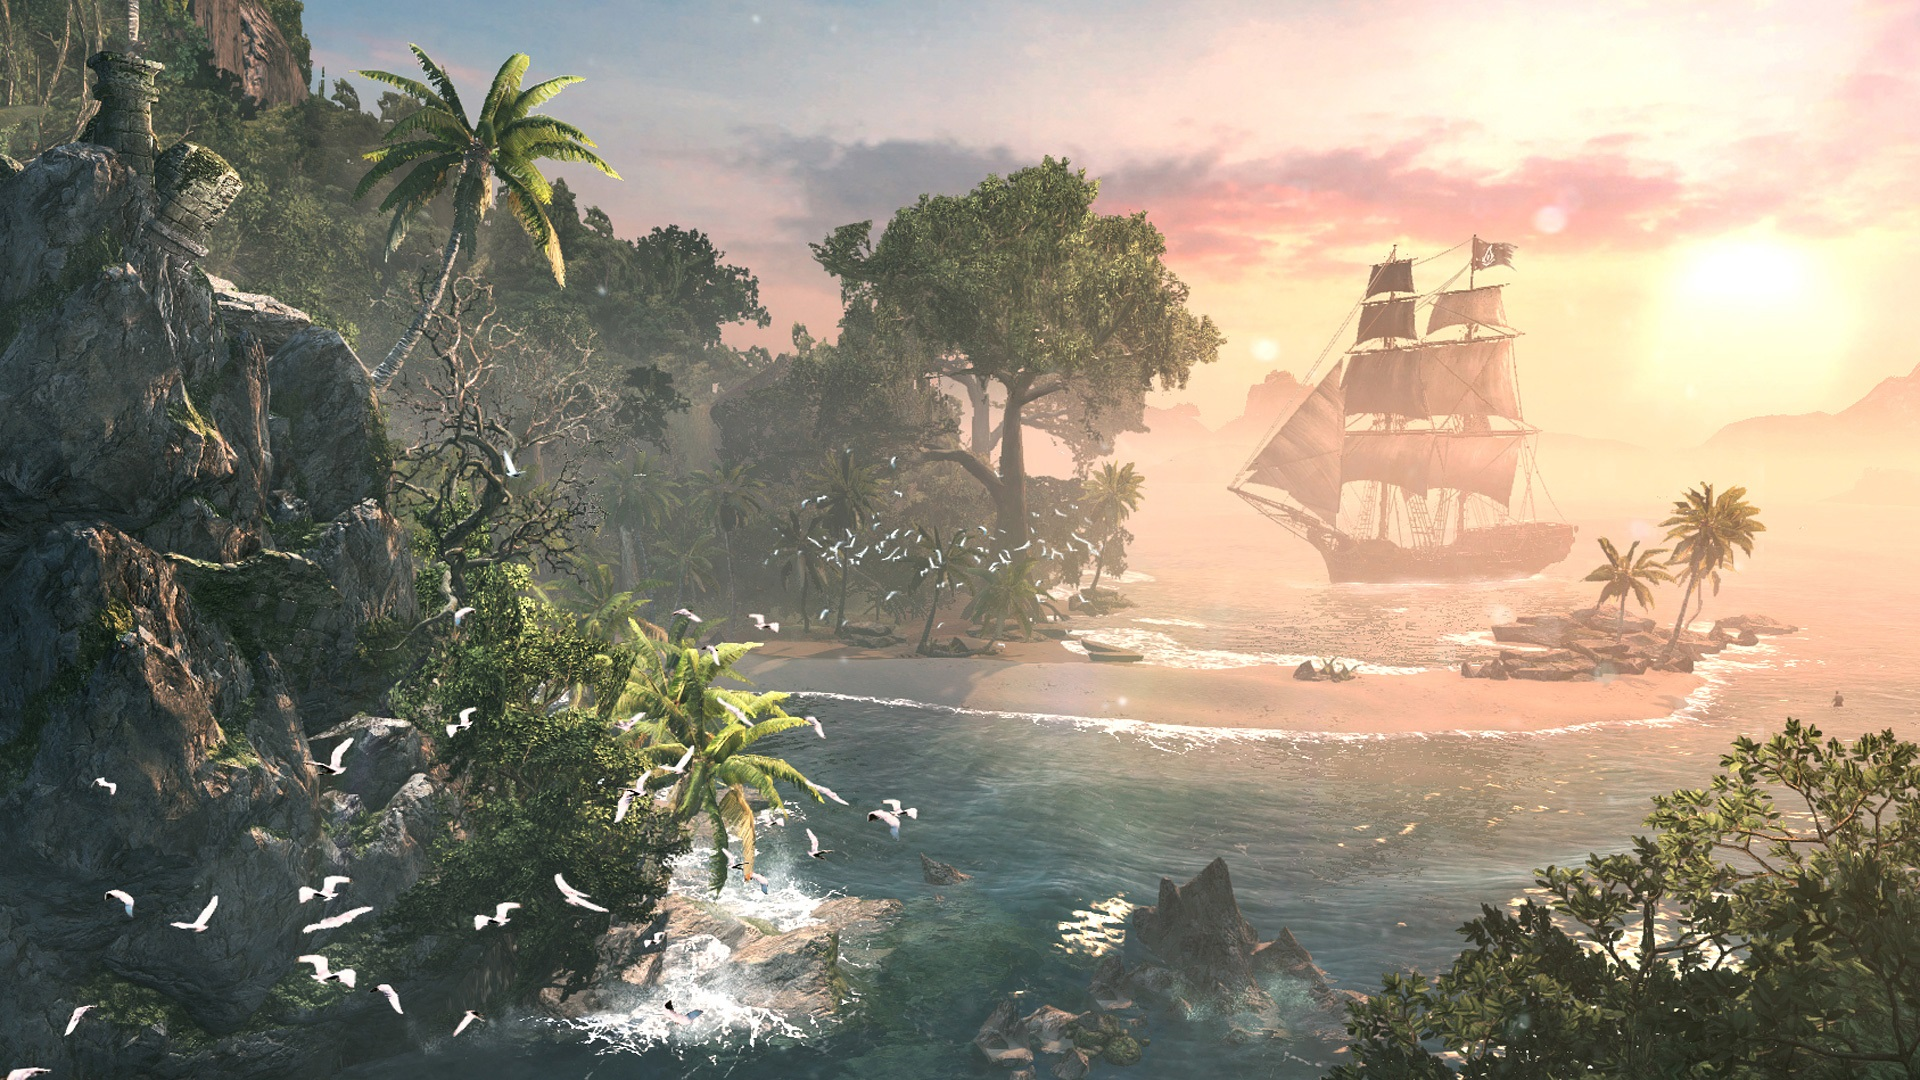 ac4_ss3_full_165228.jpg - Assassin's Creed 4: Black Flag